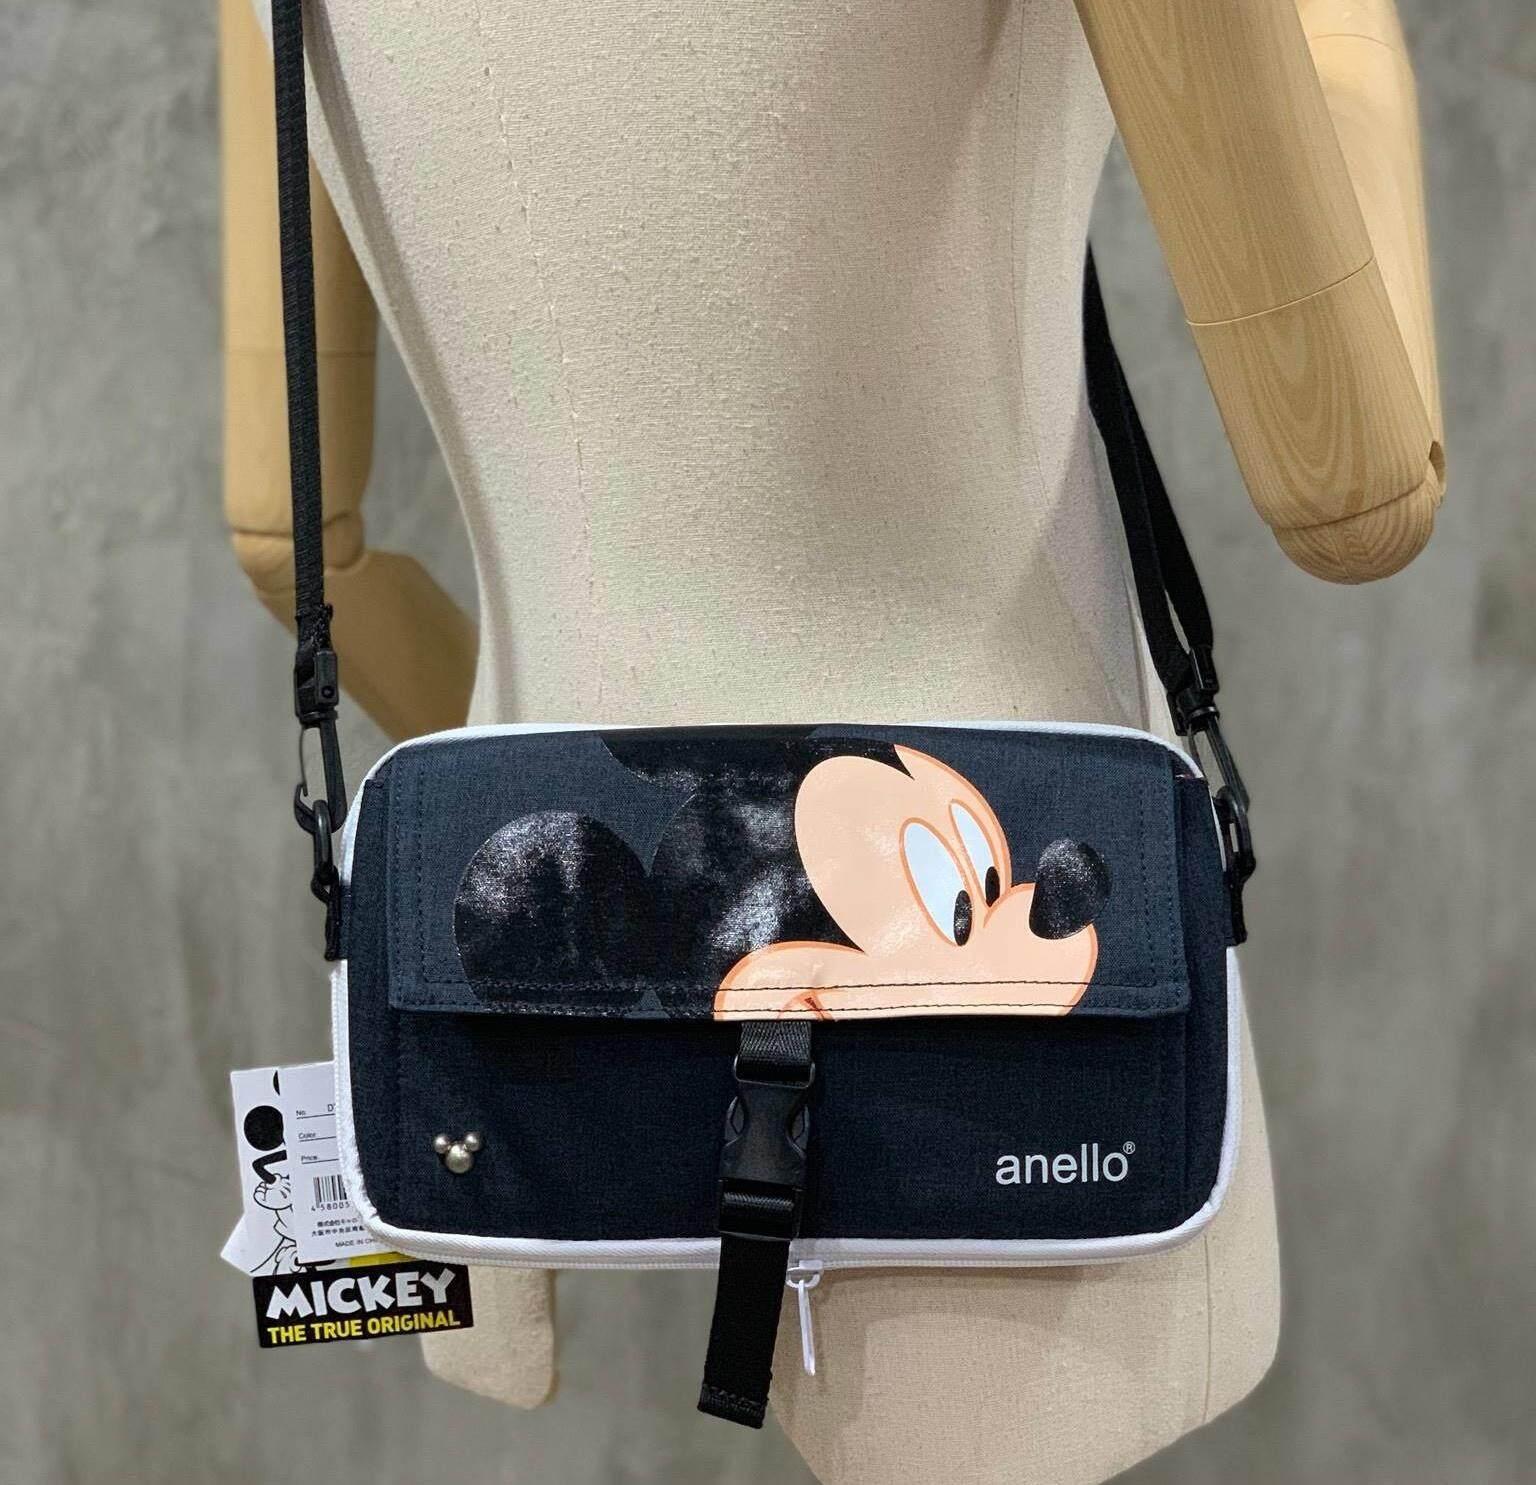 สินเชื่อบุคคลซิตี้  แม่ฮ่องสอน ANELLO MICKEY LIMITED EDITION DT-G003 กระเป๋าสะพายสุดเท่ วัสดุผ้าโพลีเอสเตอร์ (ของแท้จากโรงงาน)